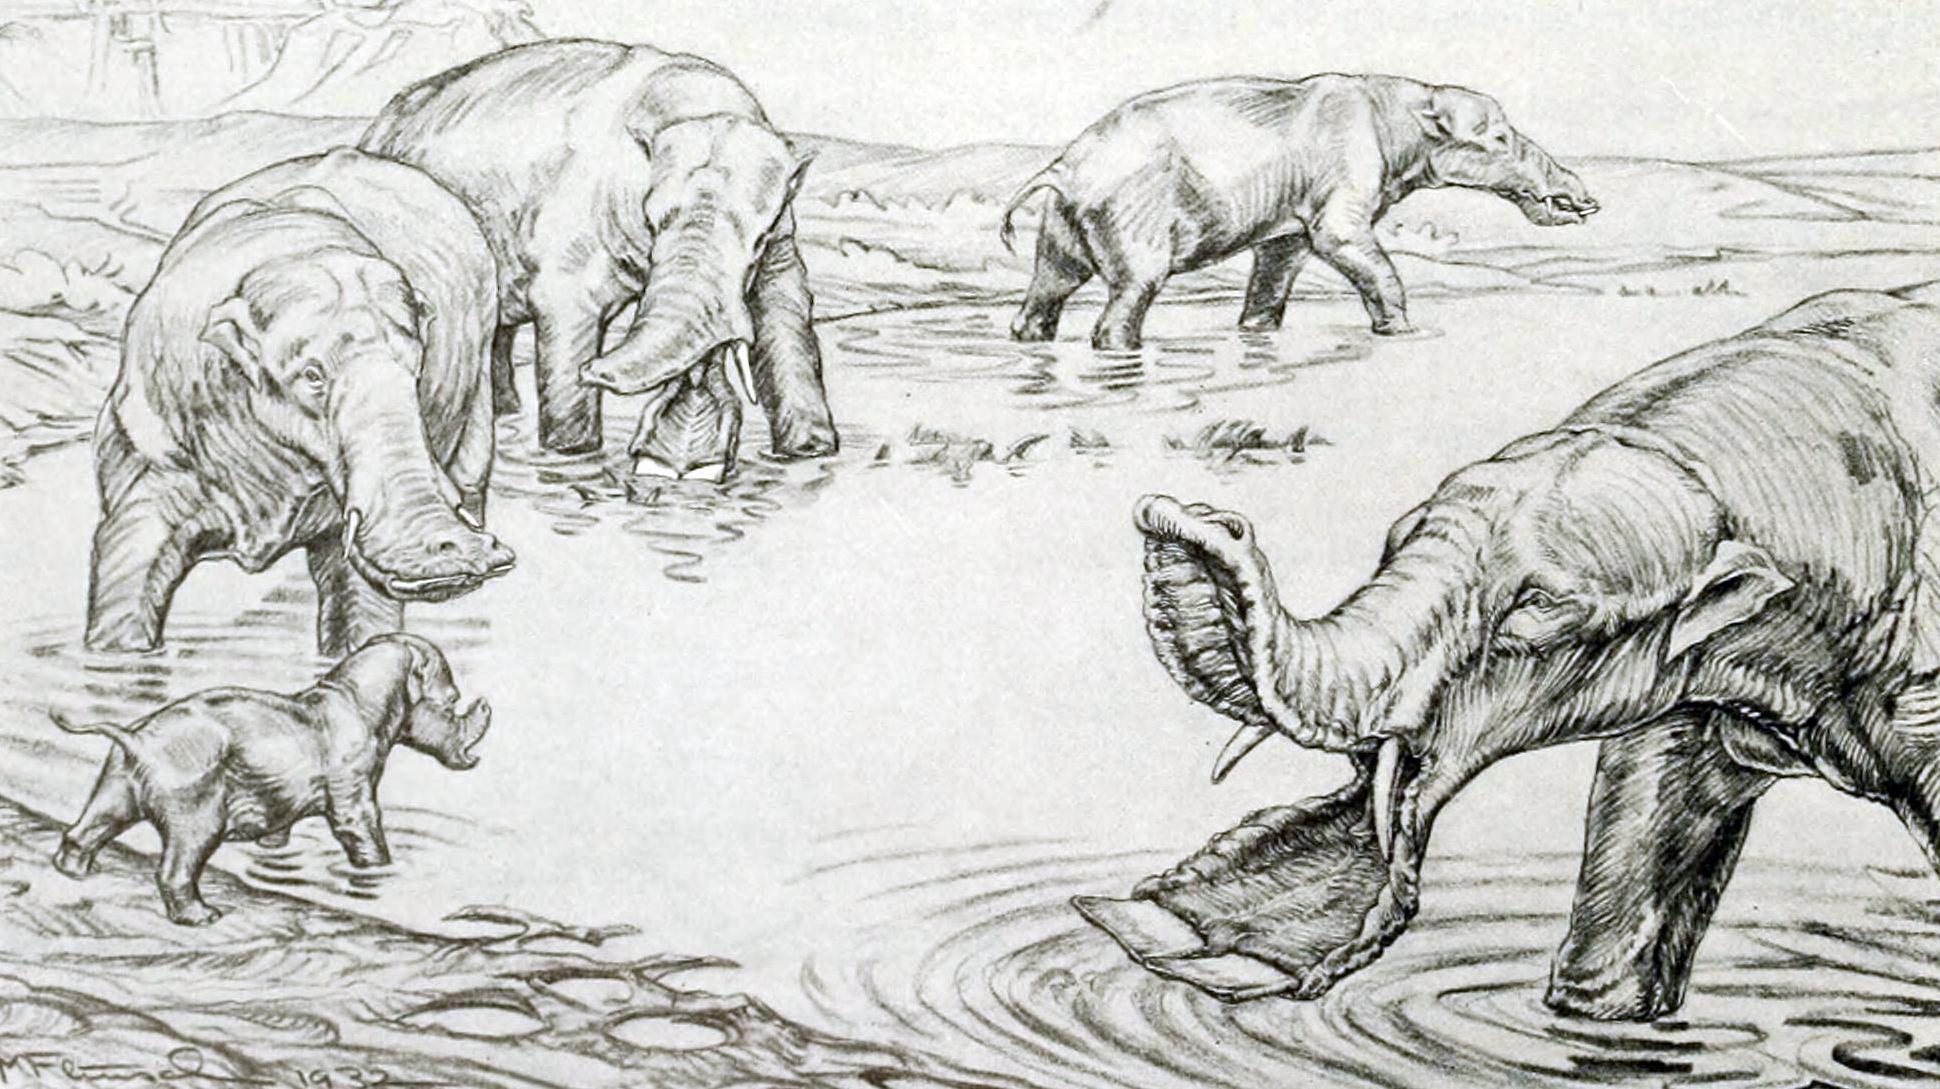 Serbelodon